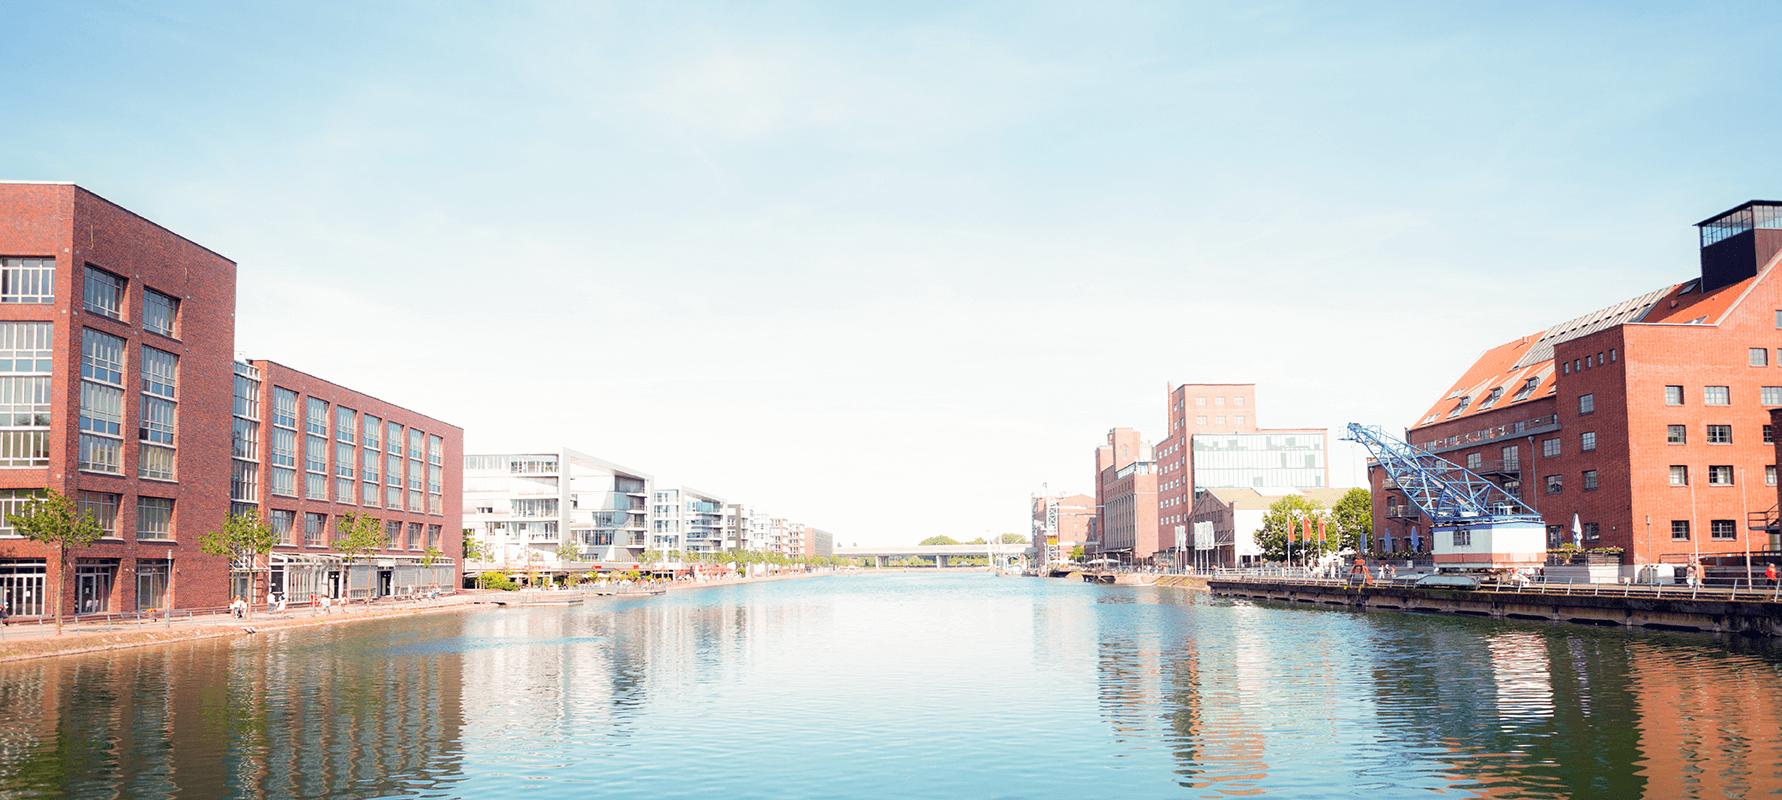 EVACO beim Duisburger Innenhafen